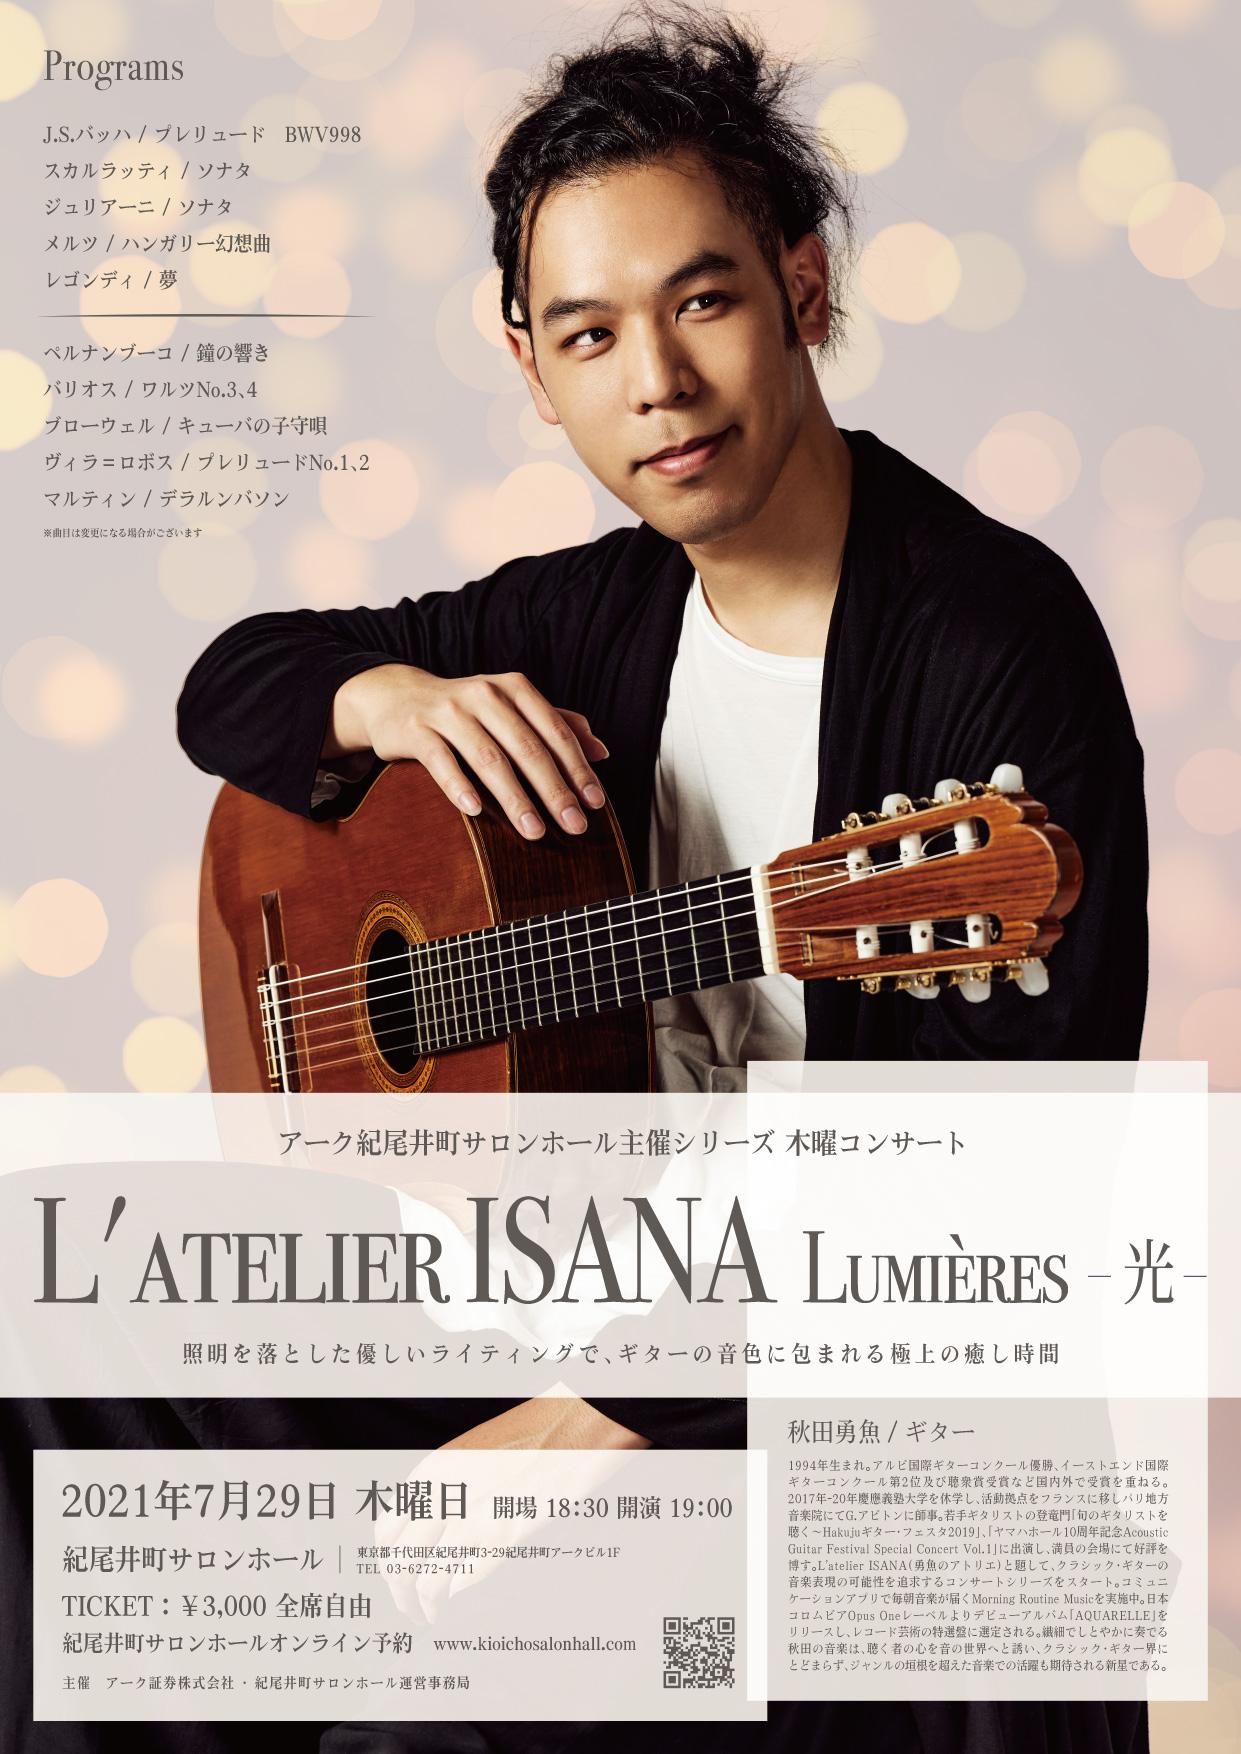 2021/7/29 秋田勇魚ギター・リサイタル L'atelier ISANA Lumières −光−@紀尾井町サロンホール